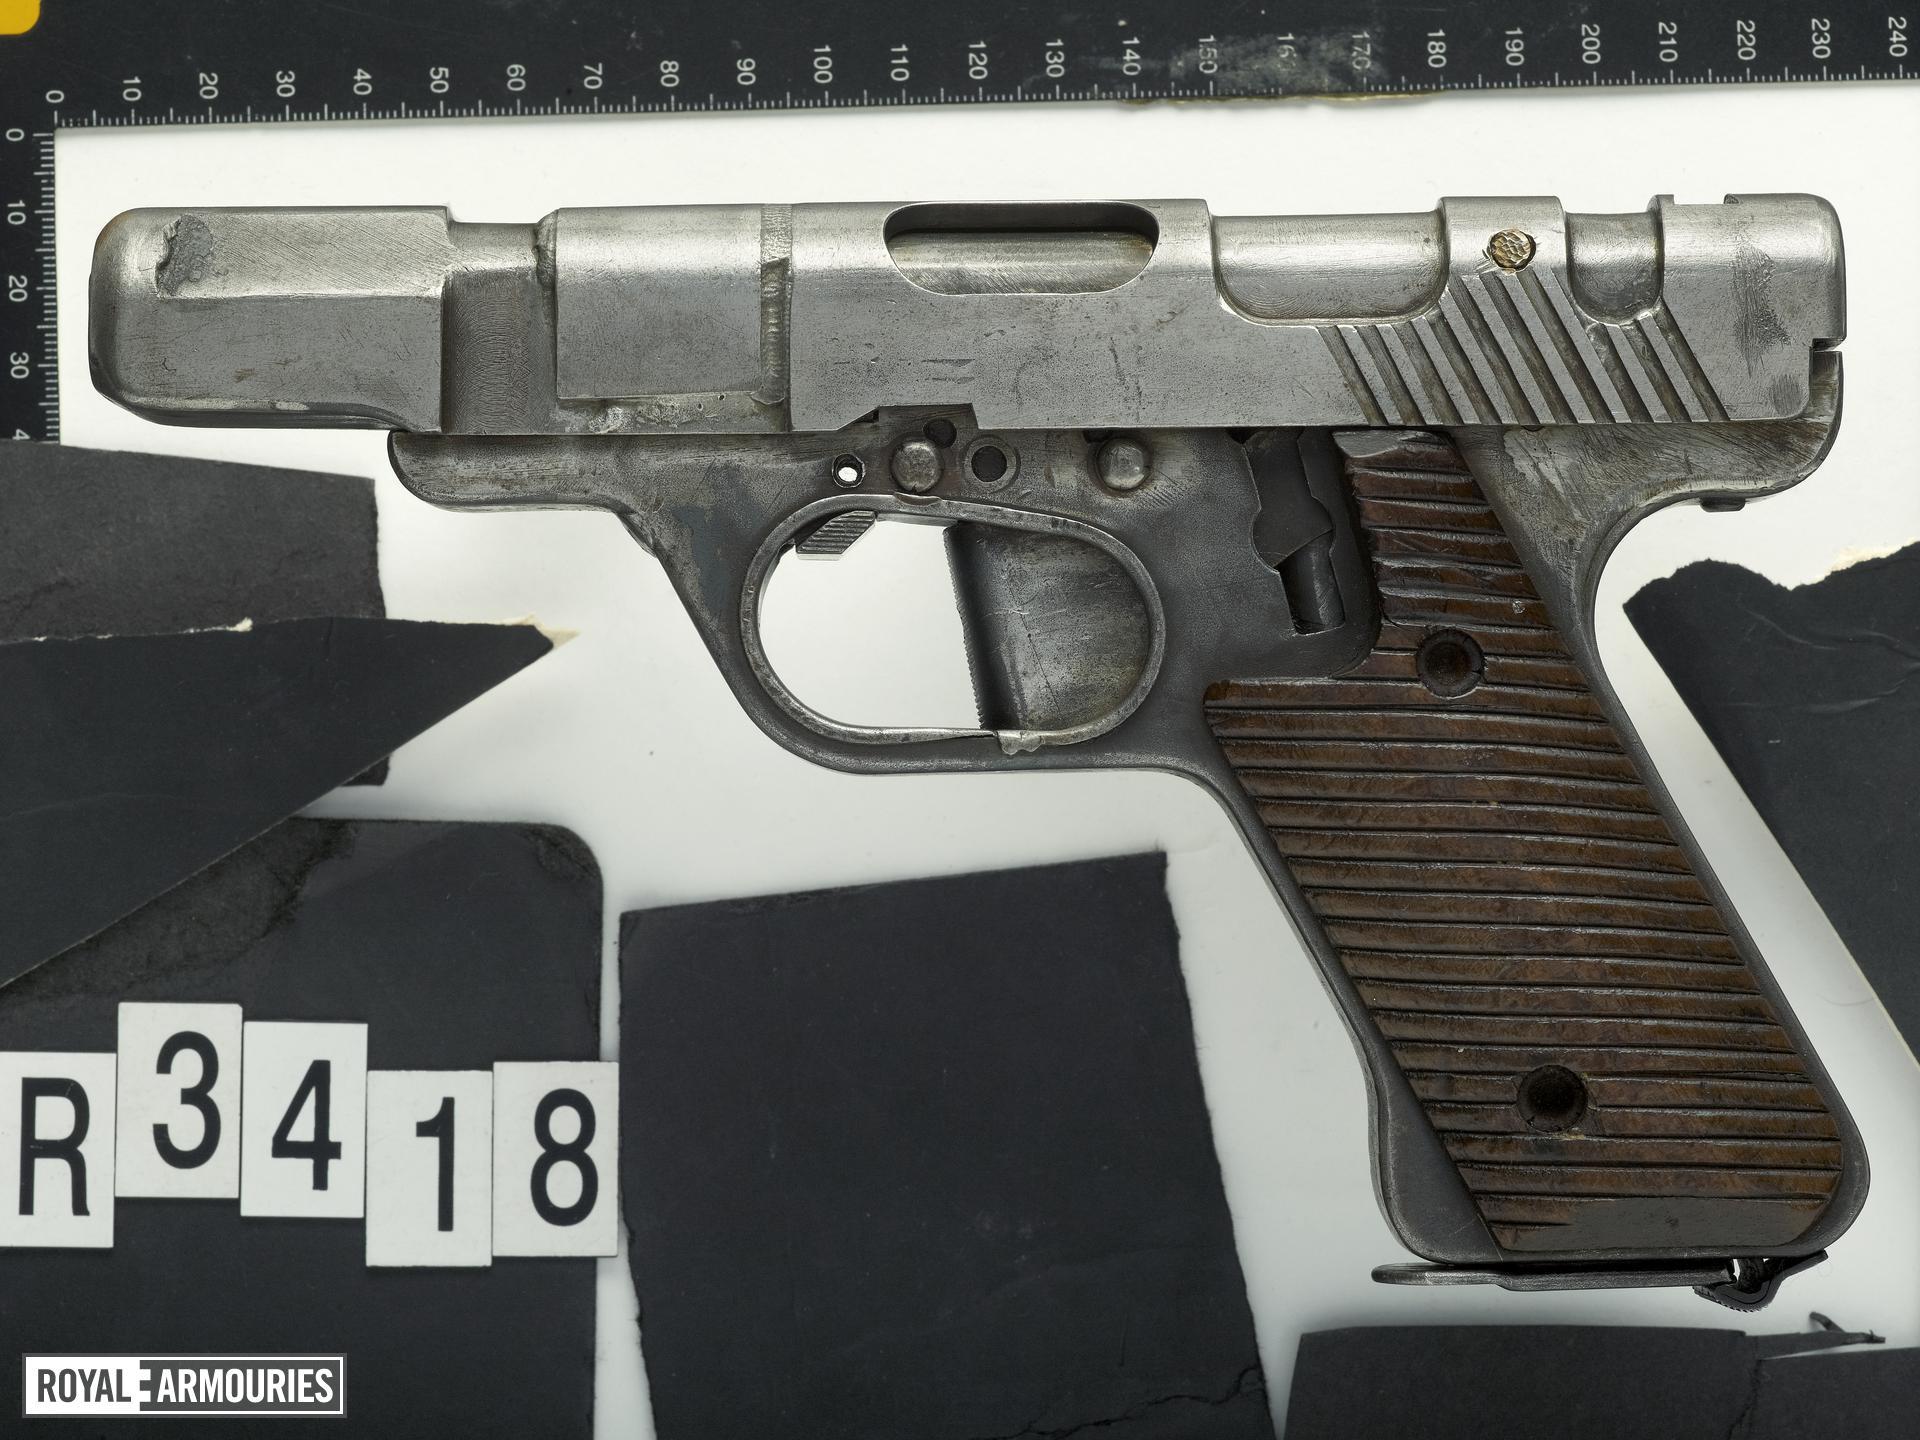 Centrefire self-loading pistol - Mauser VP Experimental